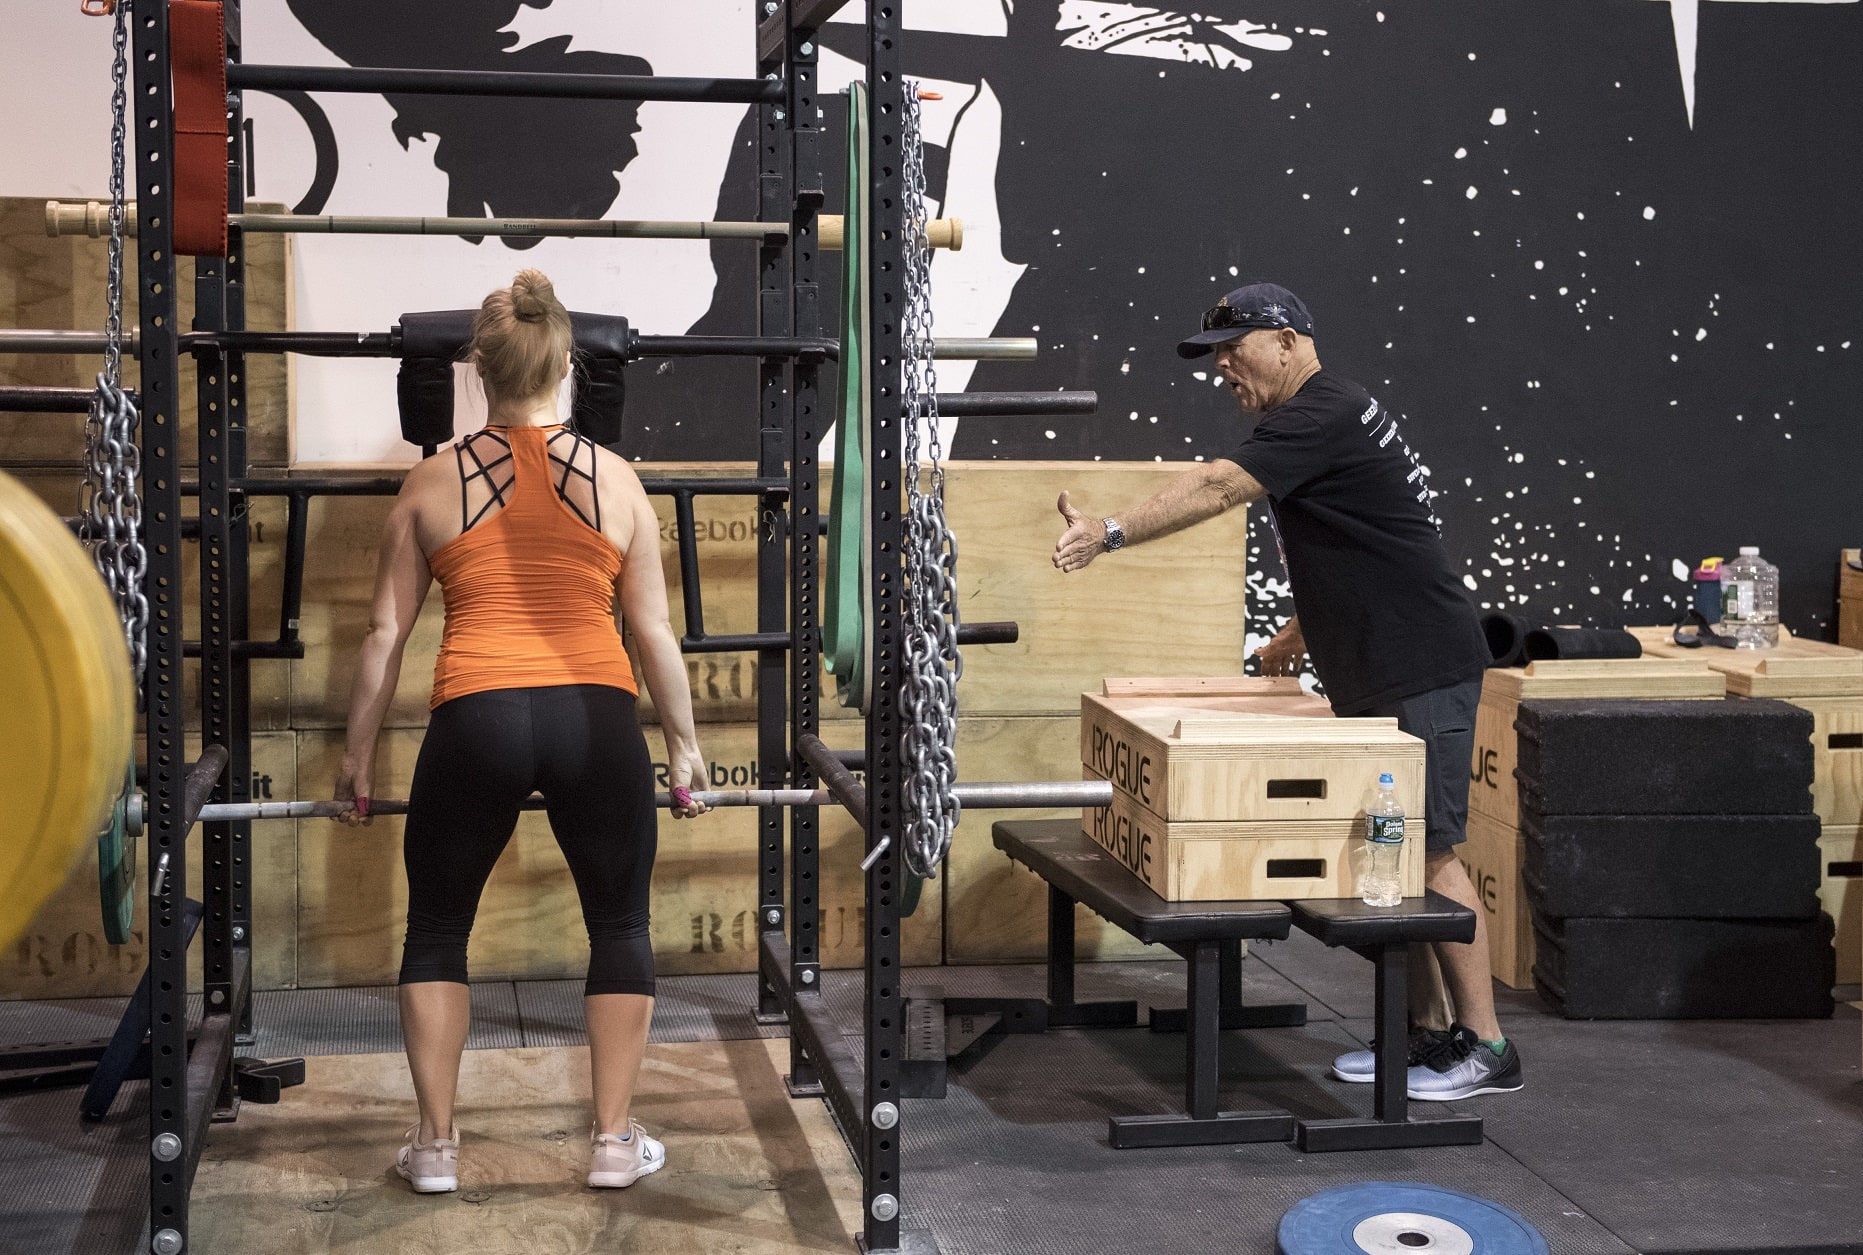 mike-burgener-weightlifting-5